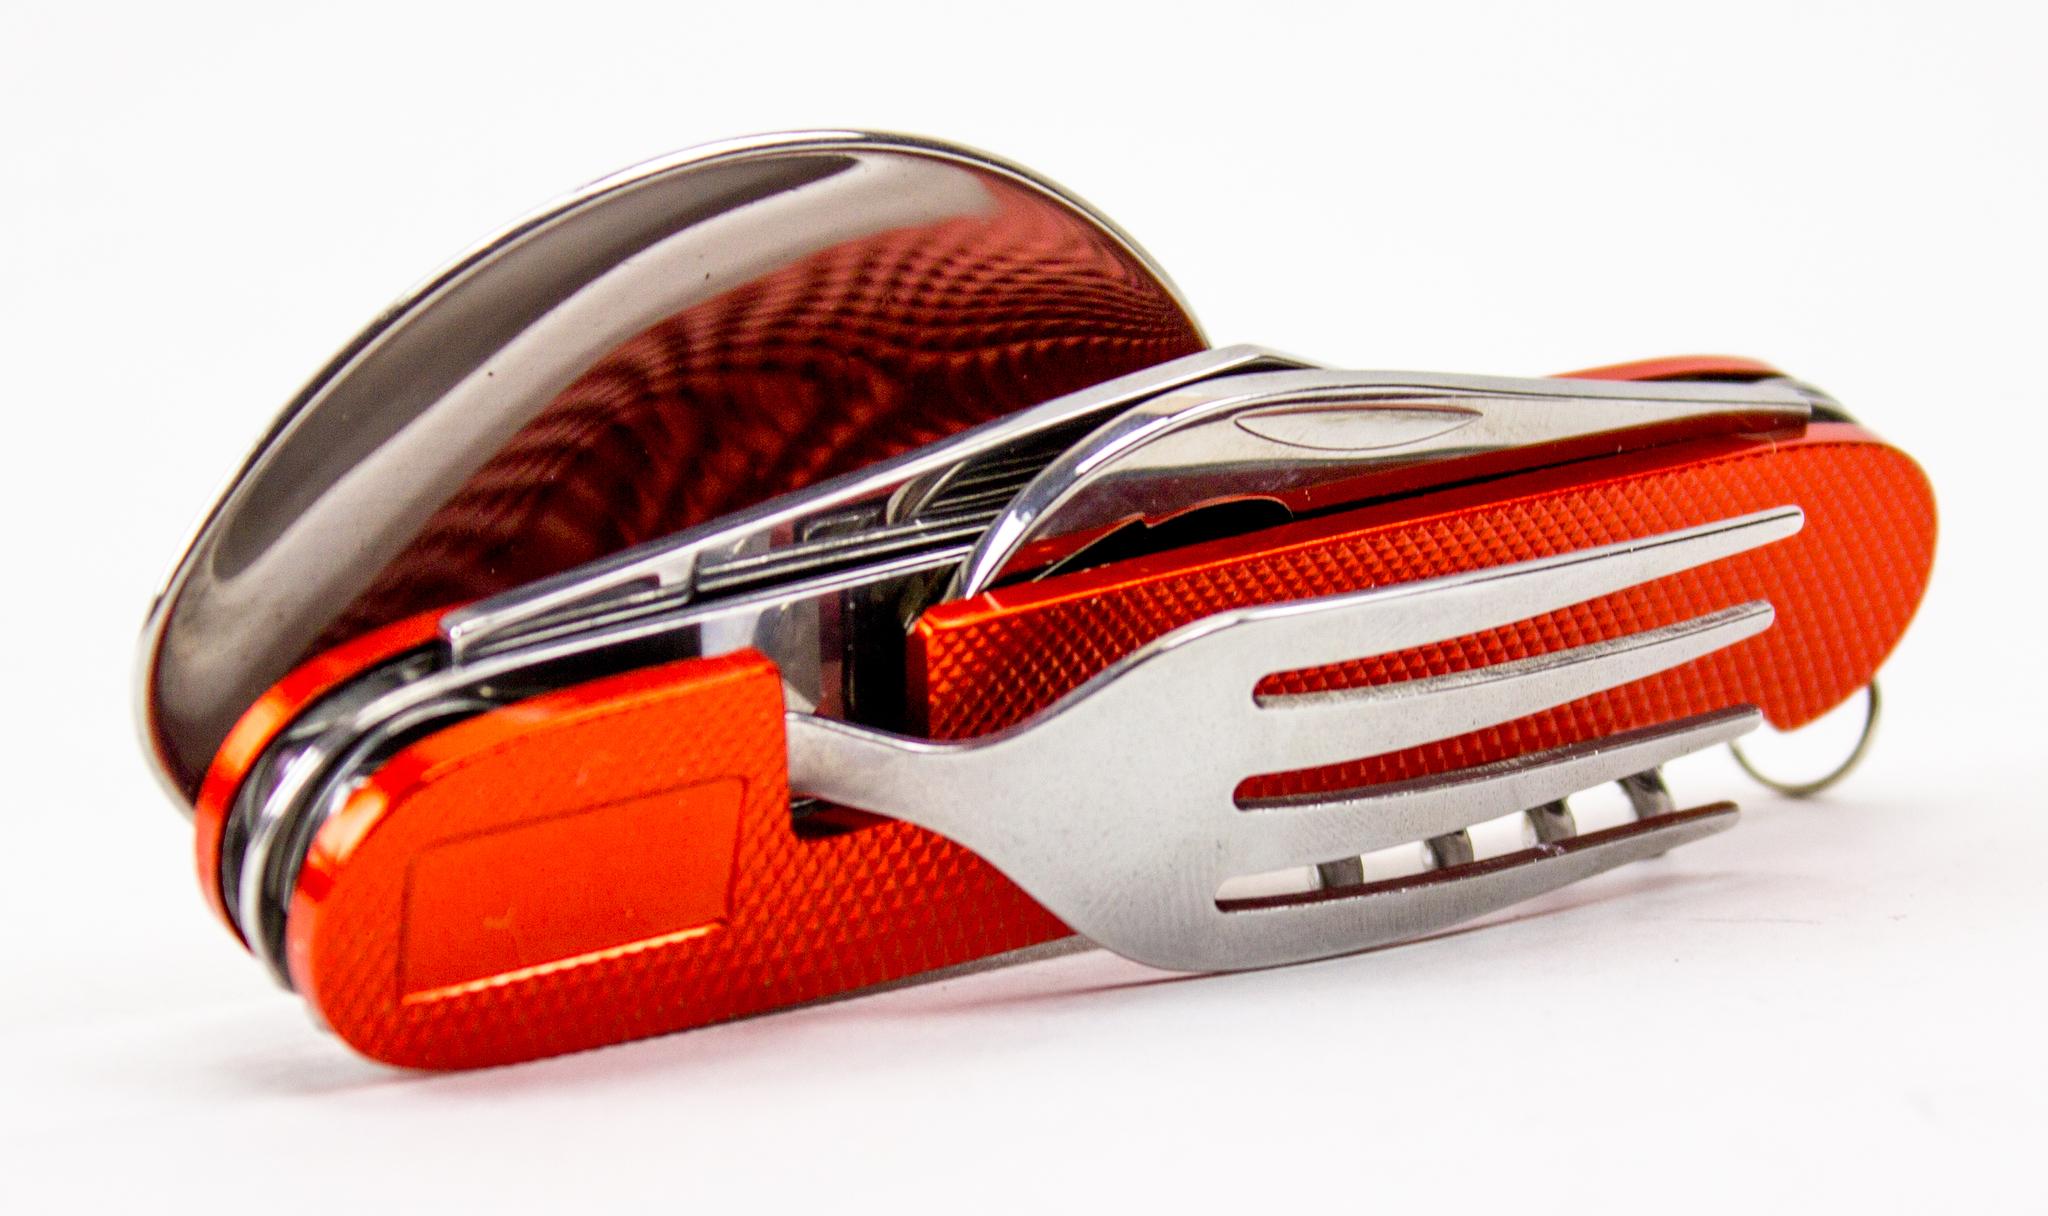 Походный нож 6-в-1, оранжевый питер мейл французские уроки путешествие с ножом вилкой и штопором